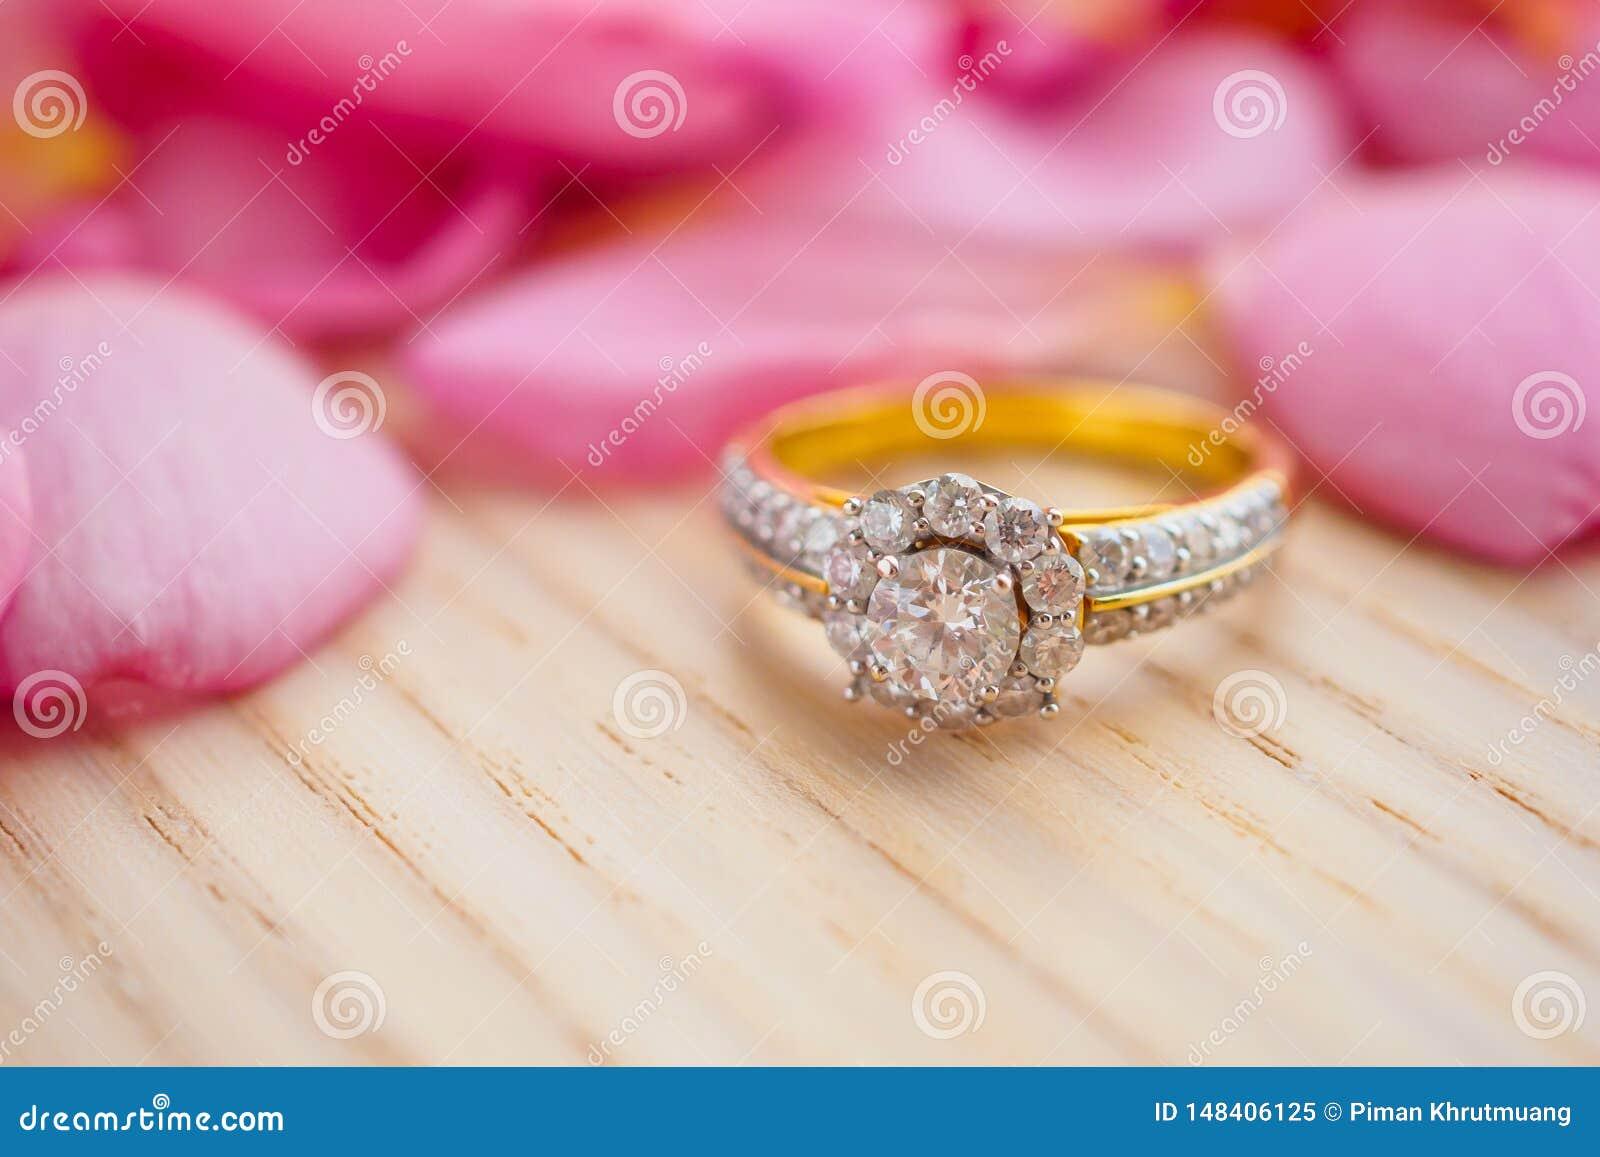 Кольцо с бриллиантом ювелирных изделий на деревянной таблице с красивой розовой предпосылкой лепестка розы